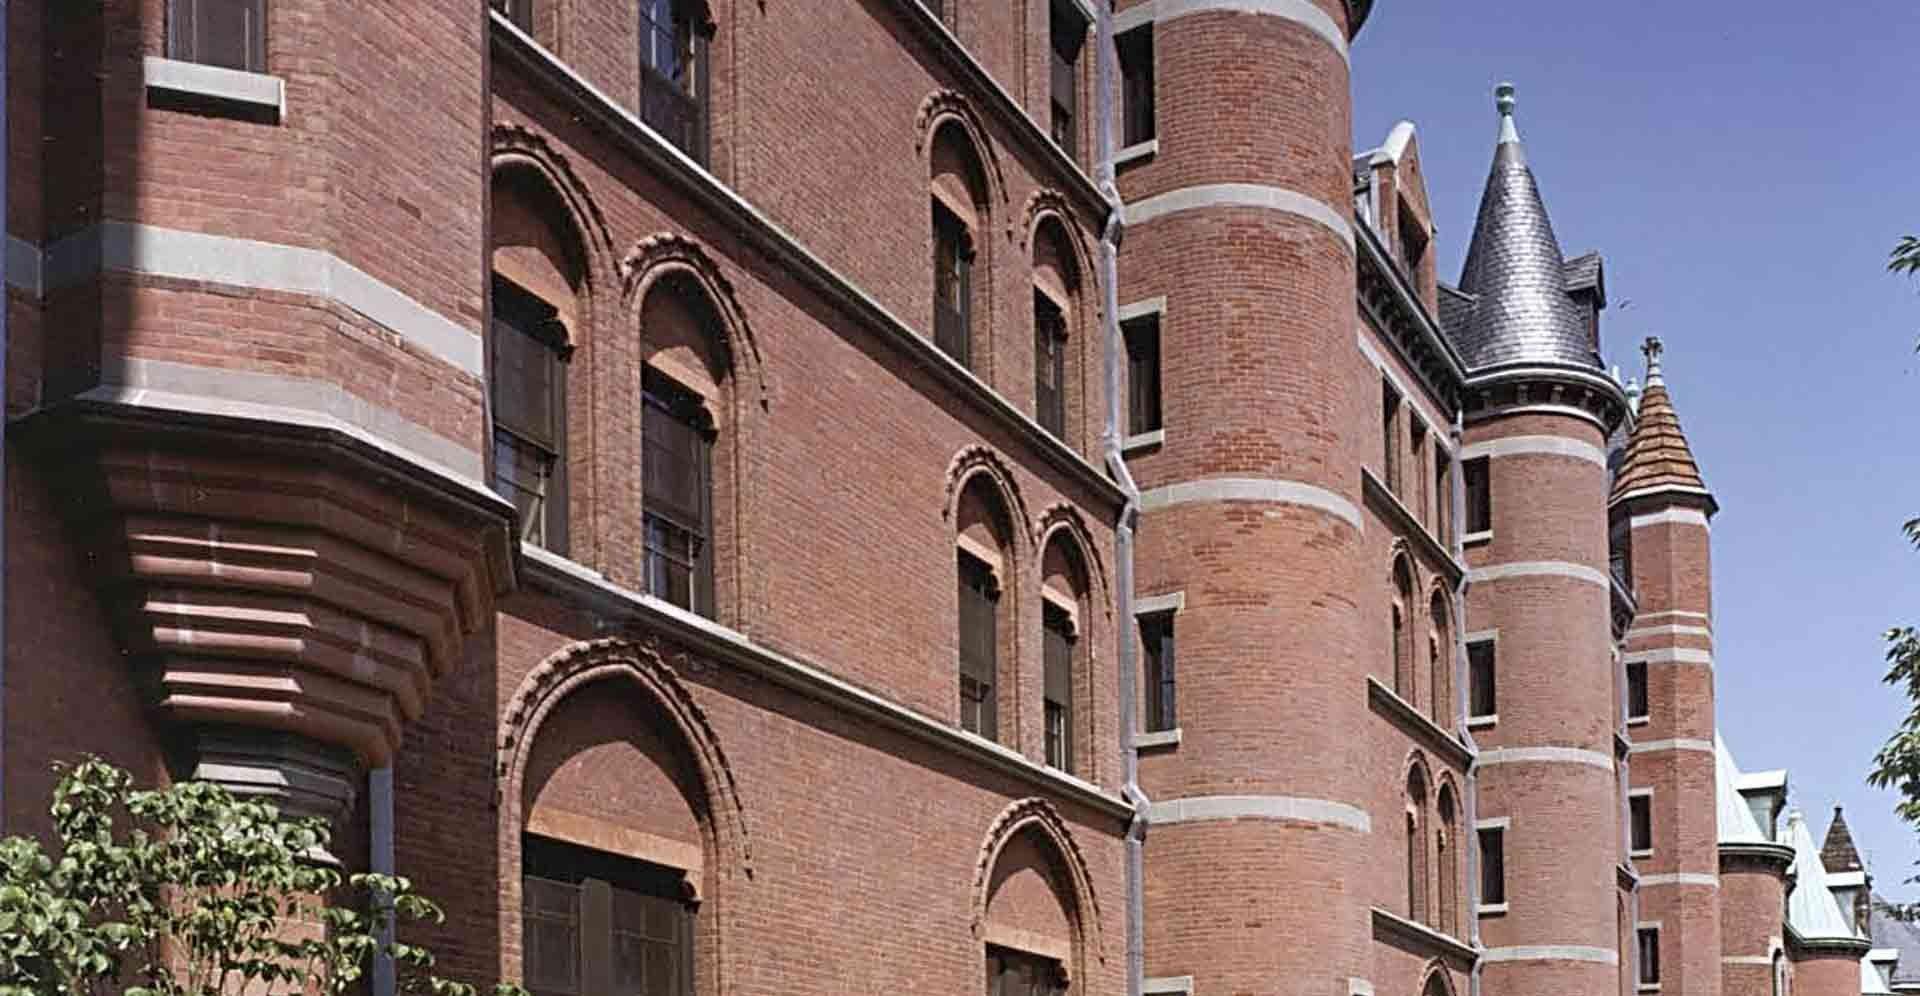 Yale University - Old Campus